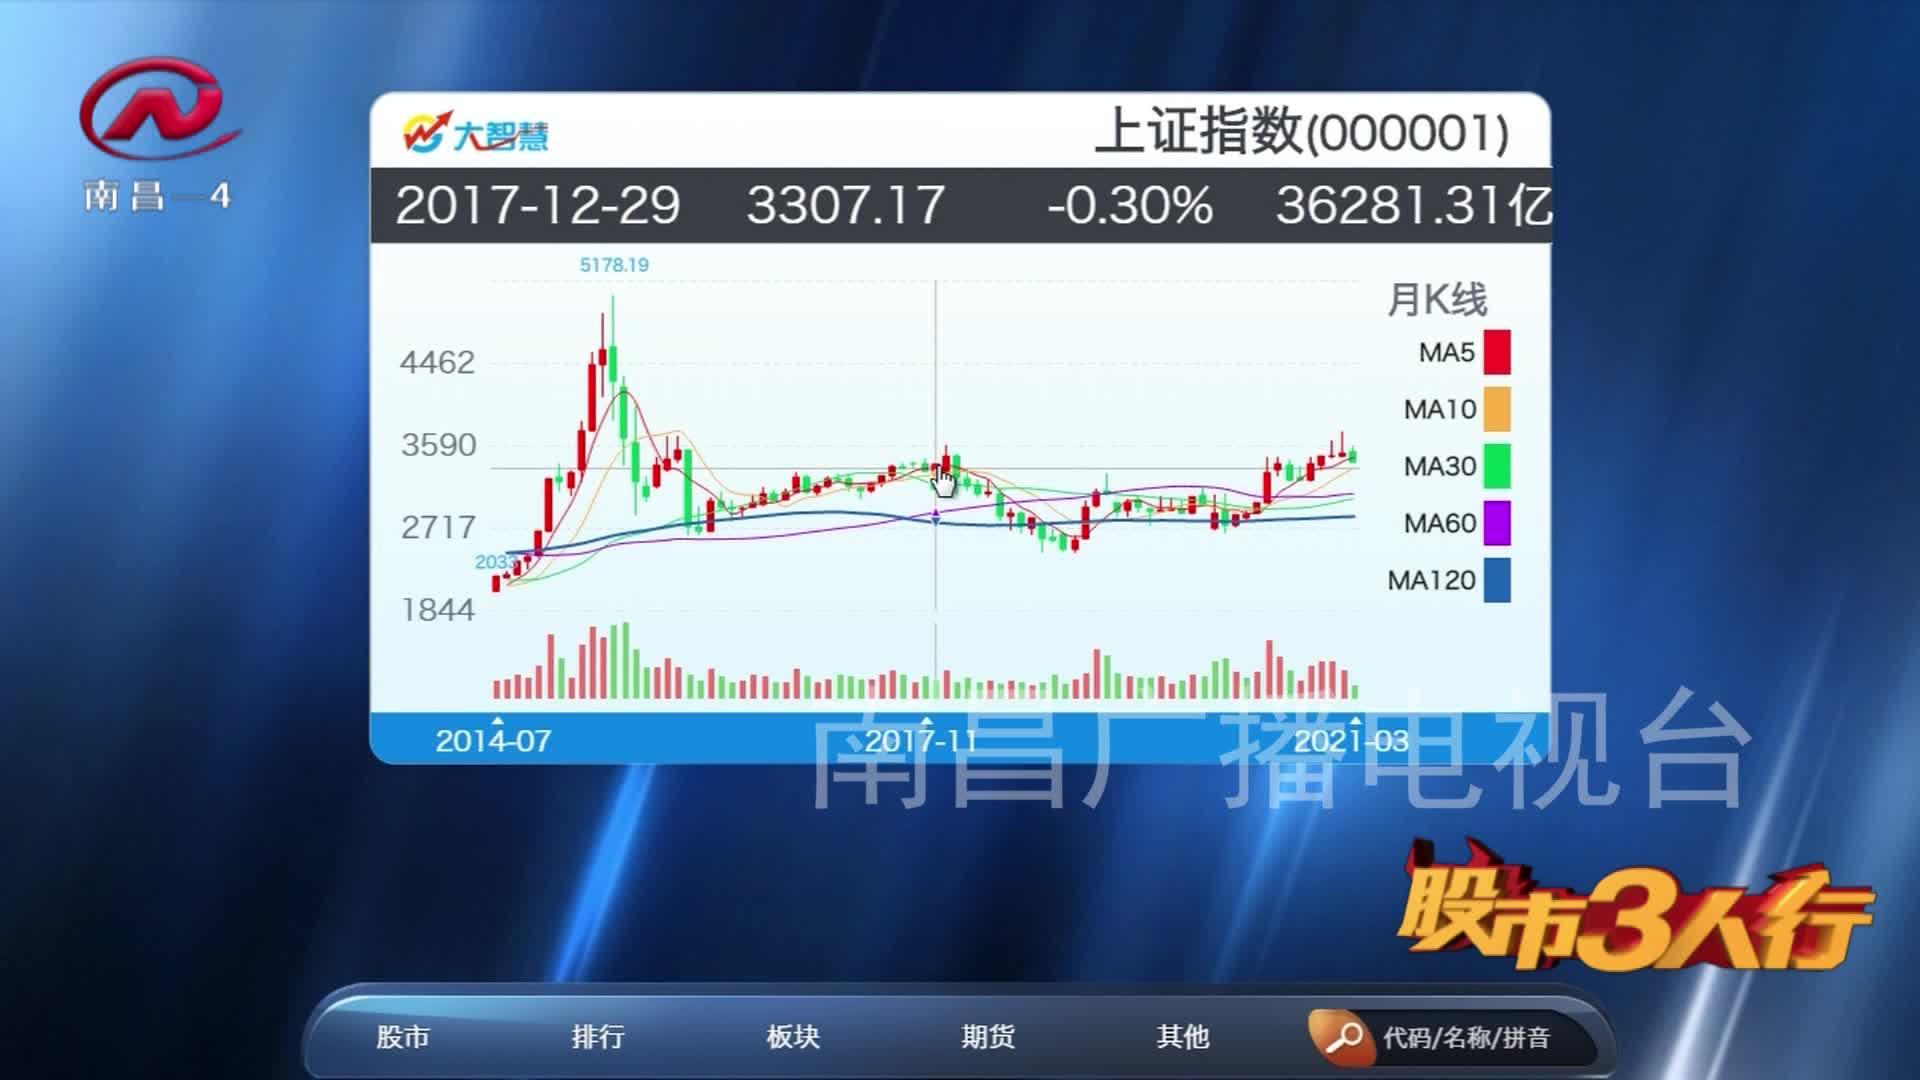 股市三人行 2021-03-08